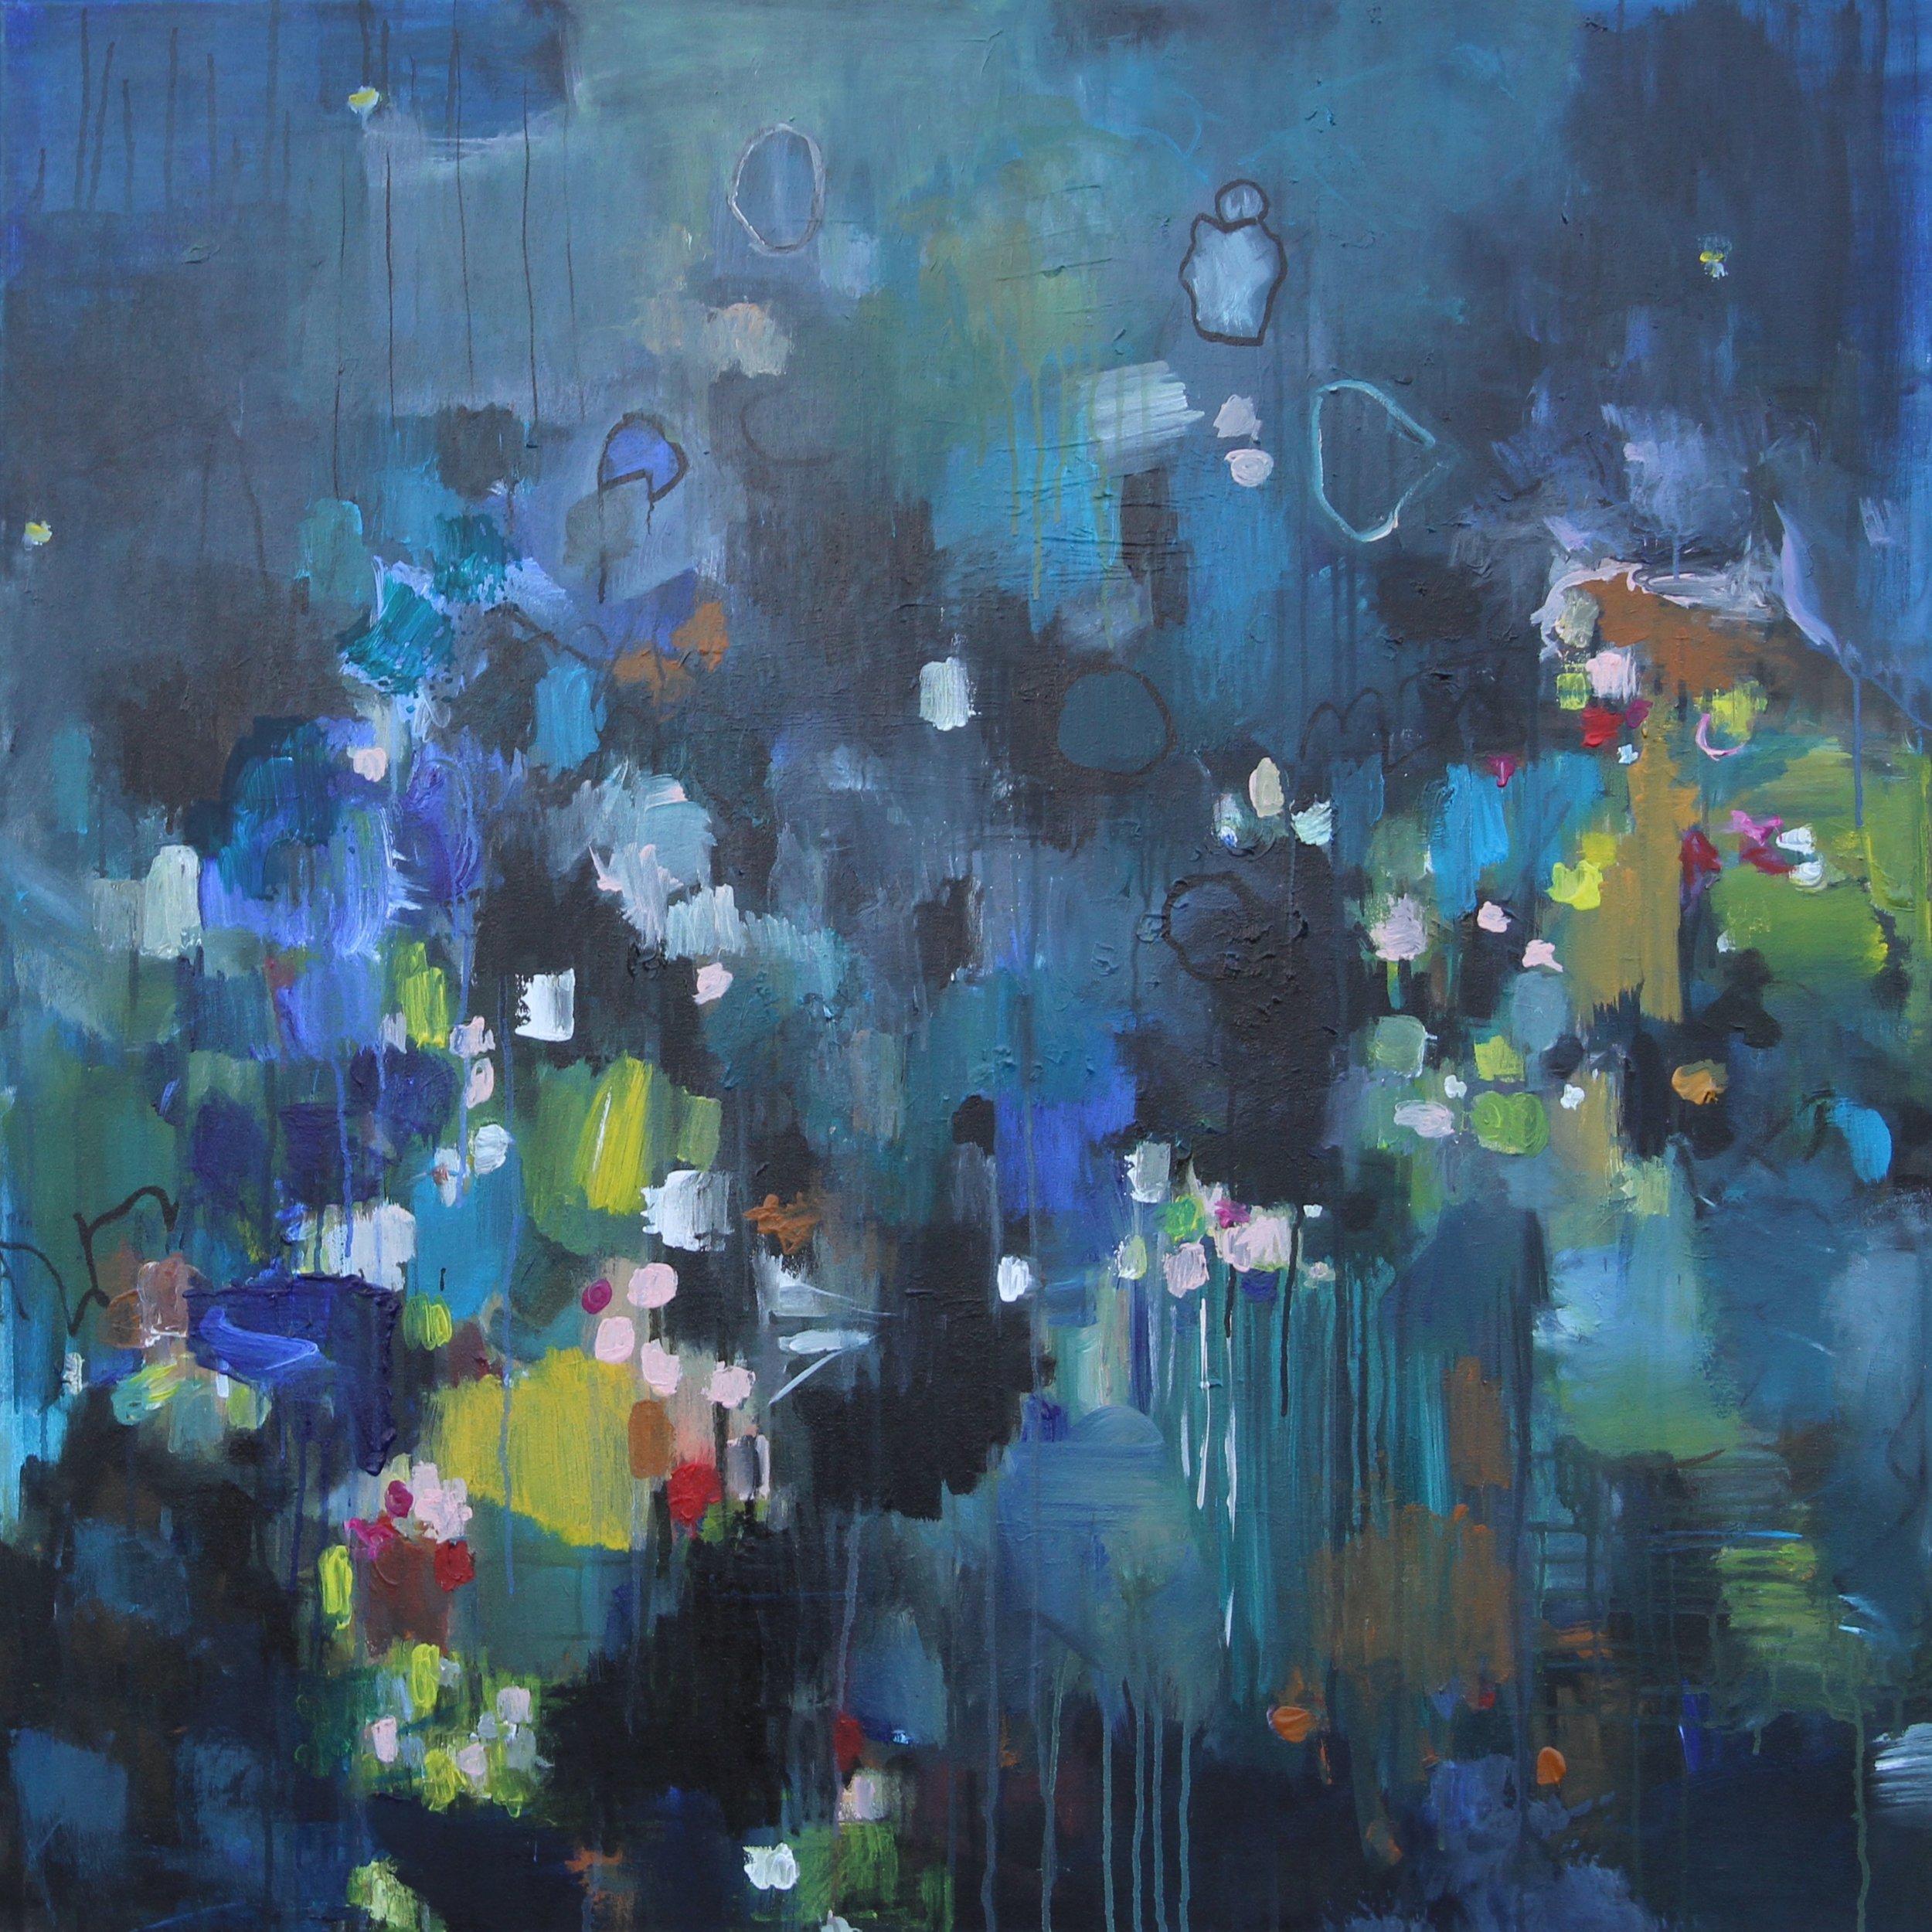 Mountain Sion 100 x 100 x 4 cm acrylics on canvas